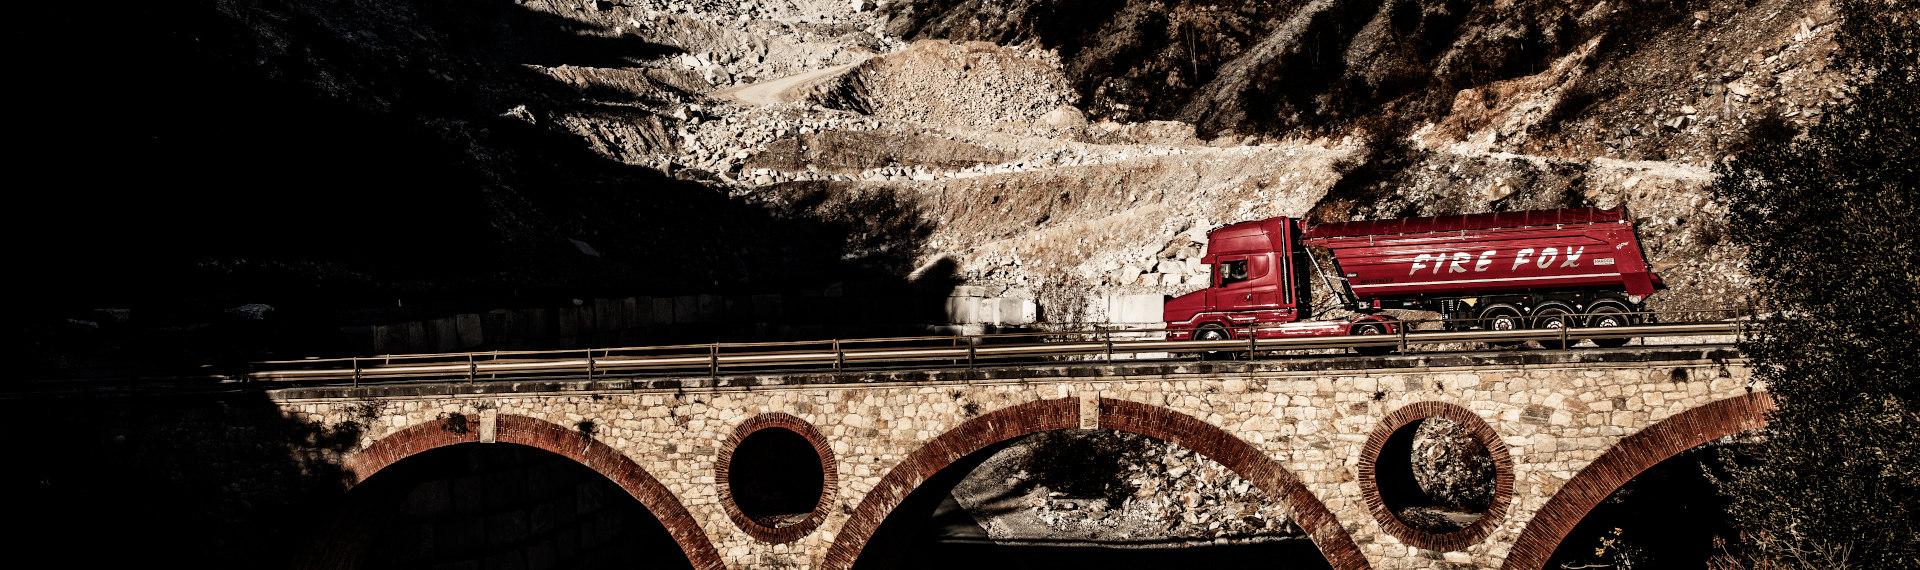 Hardox 500 Tuf -kulutuslevystä valmistettu punainen Fire Fox -rekka siltaa ylittämässä